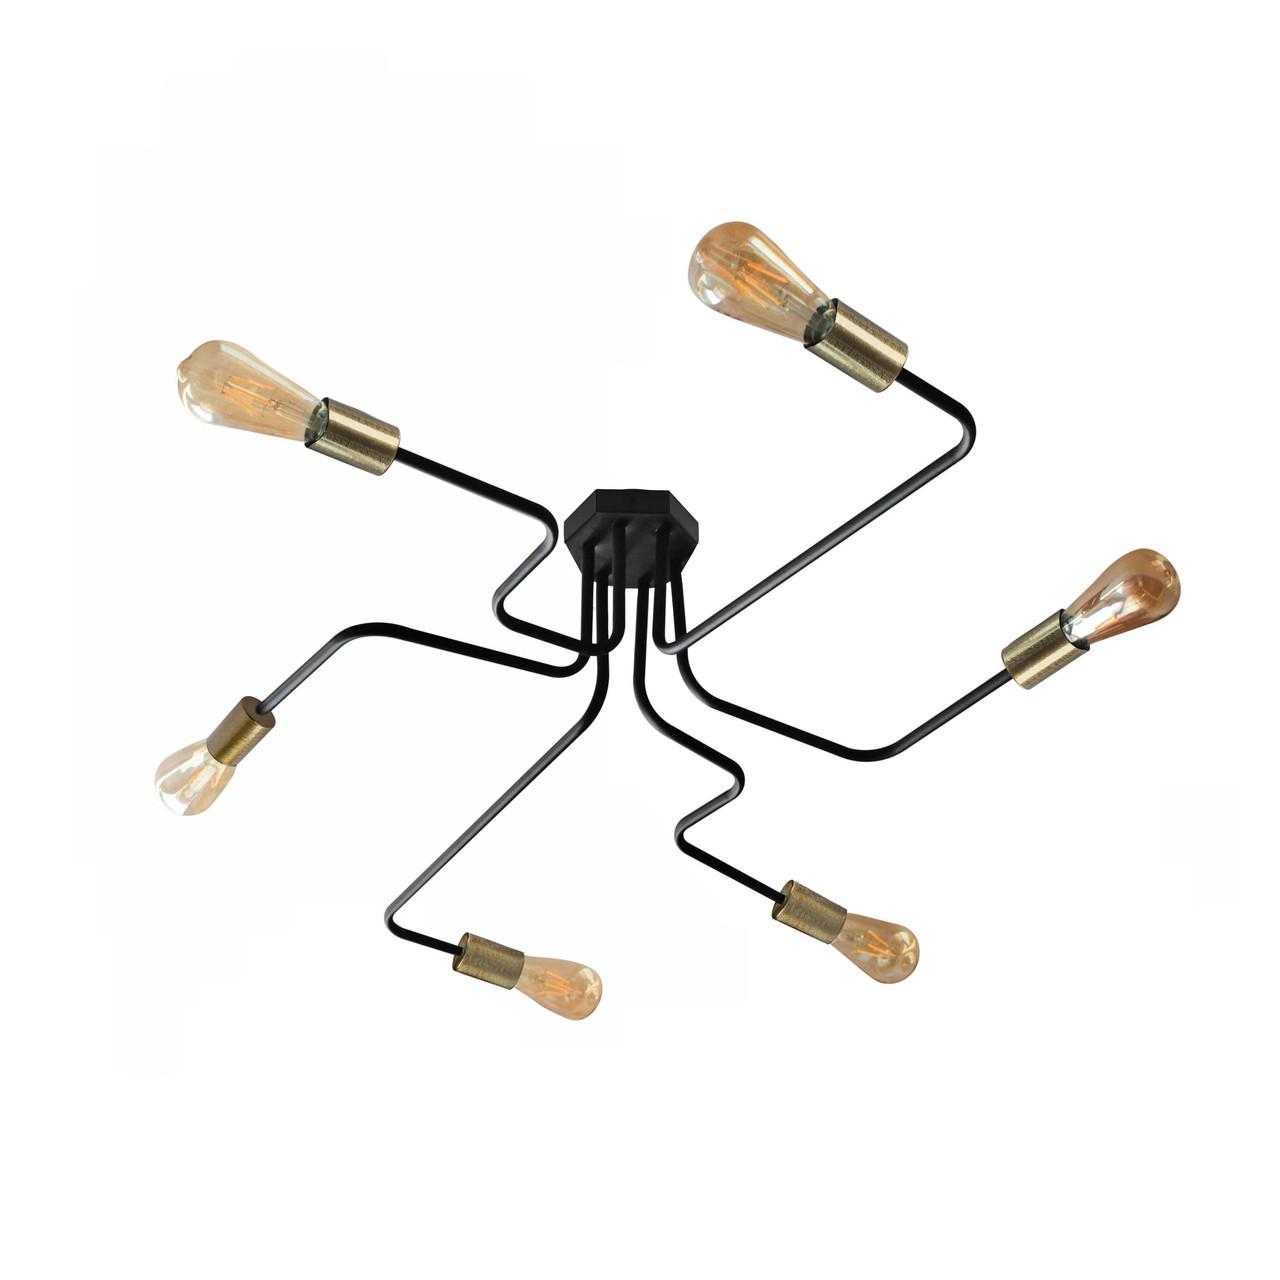 Люстра паук c бронзовыми патронами MSK Electric NL 10084/6 BK+BN  Микросхема